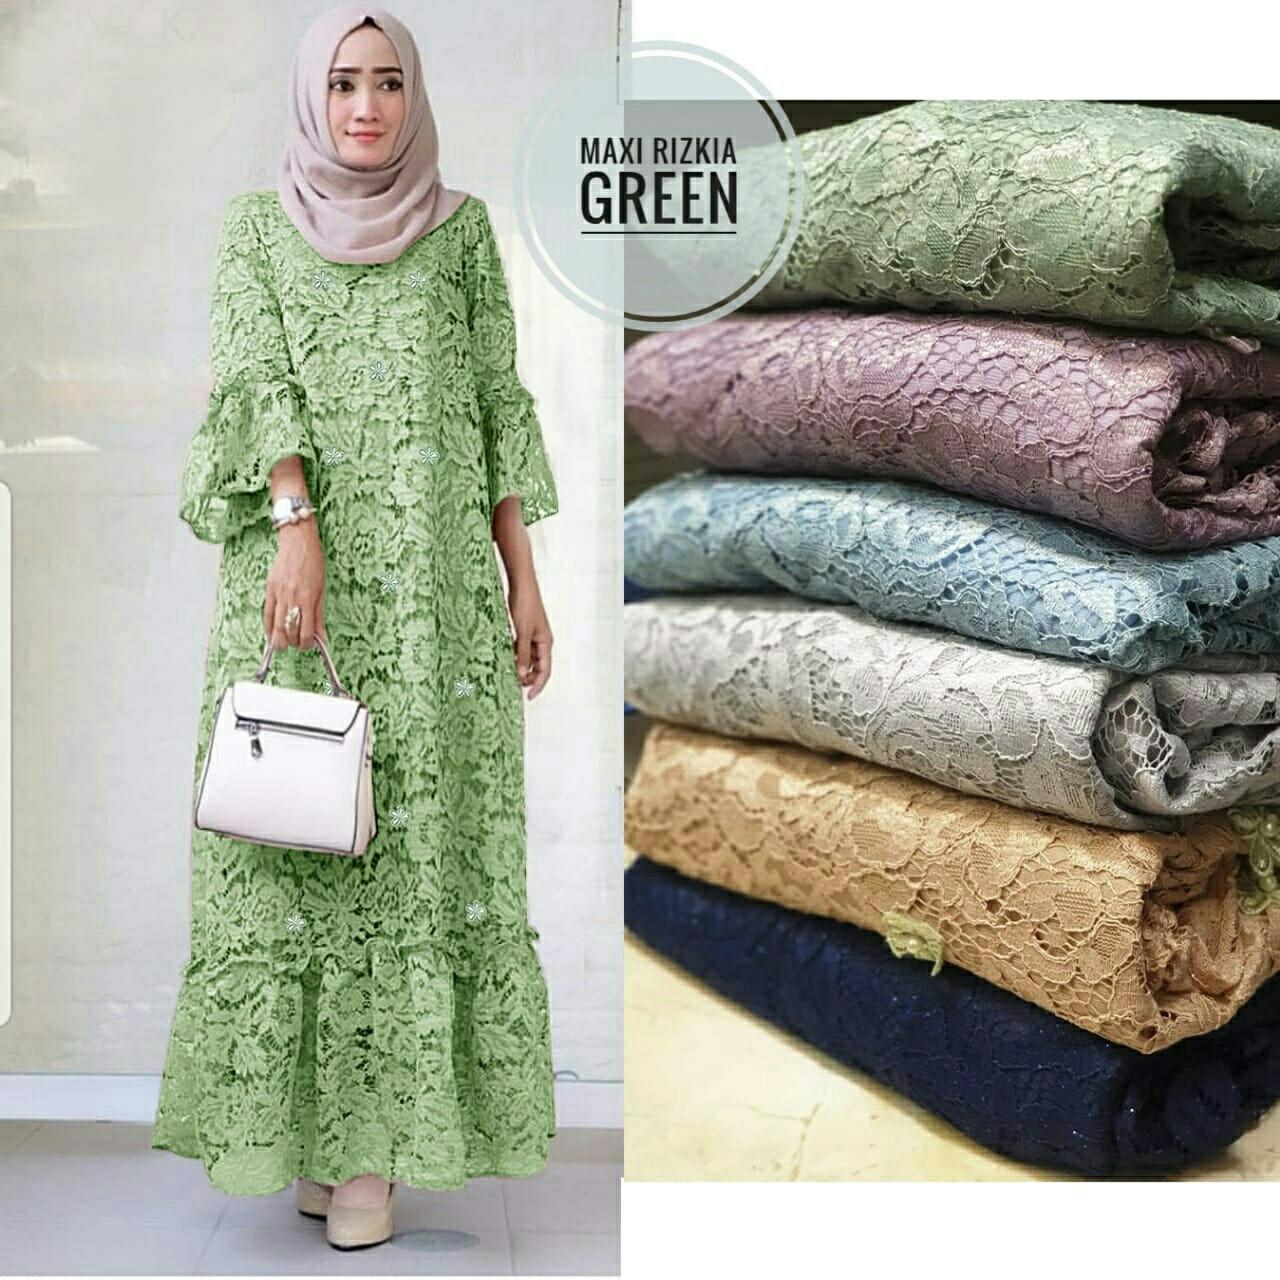 Grosir Hasanah Maxi Rizka / Maxi Full Brukat Panjang / Maxi Brukat Inport Fashion.. By Grosir Hasanah.